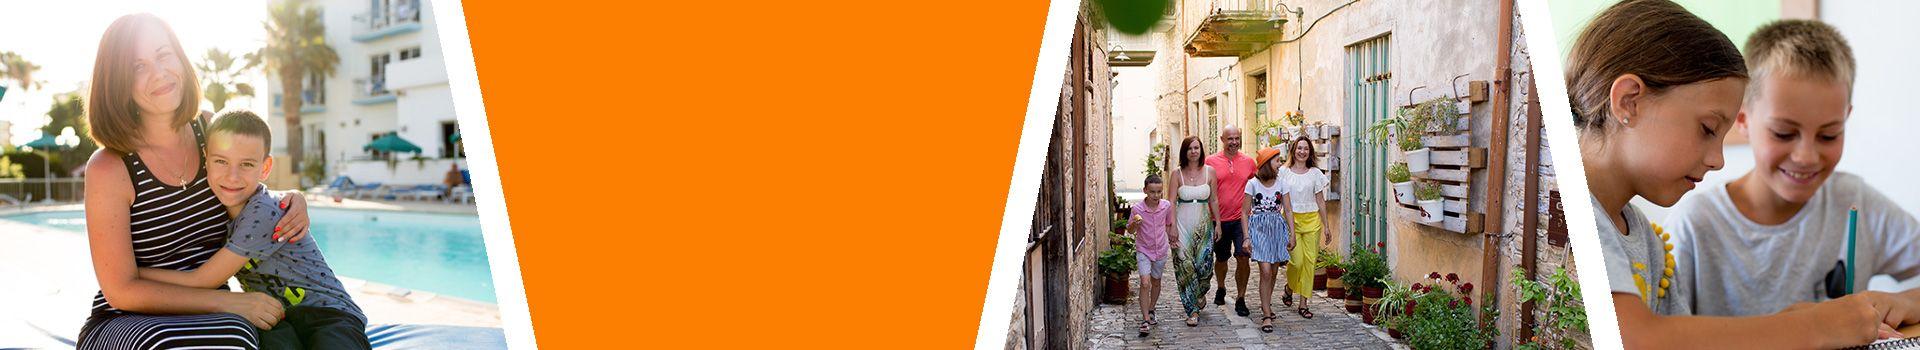 Slider Familiensprachreisen nach England Malta Zypern Irland und Spanien